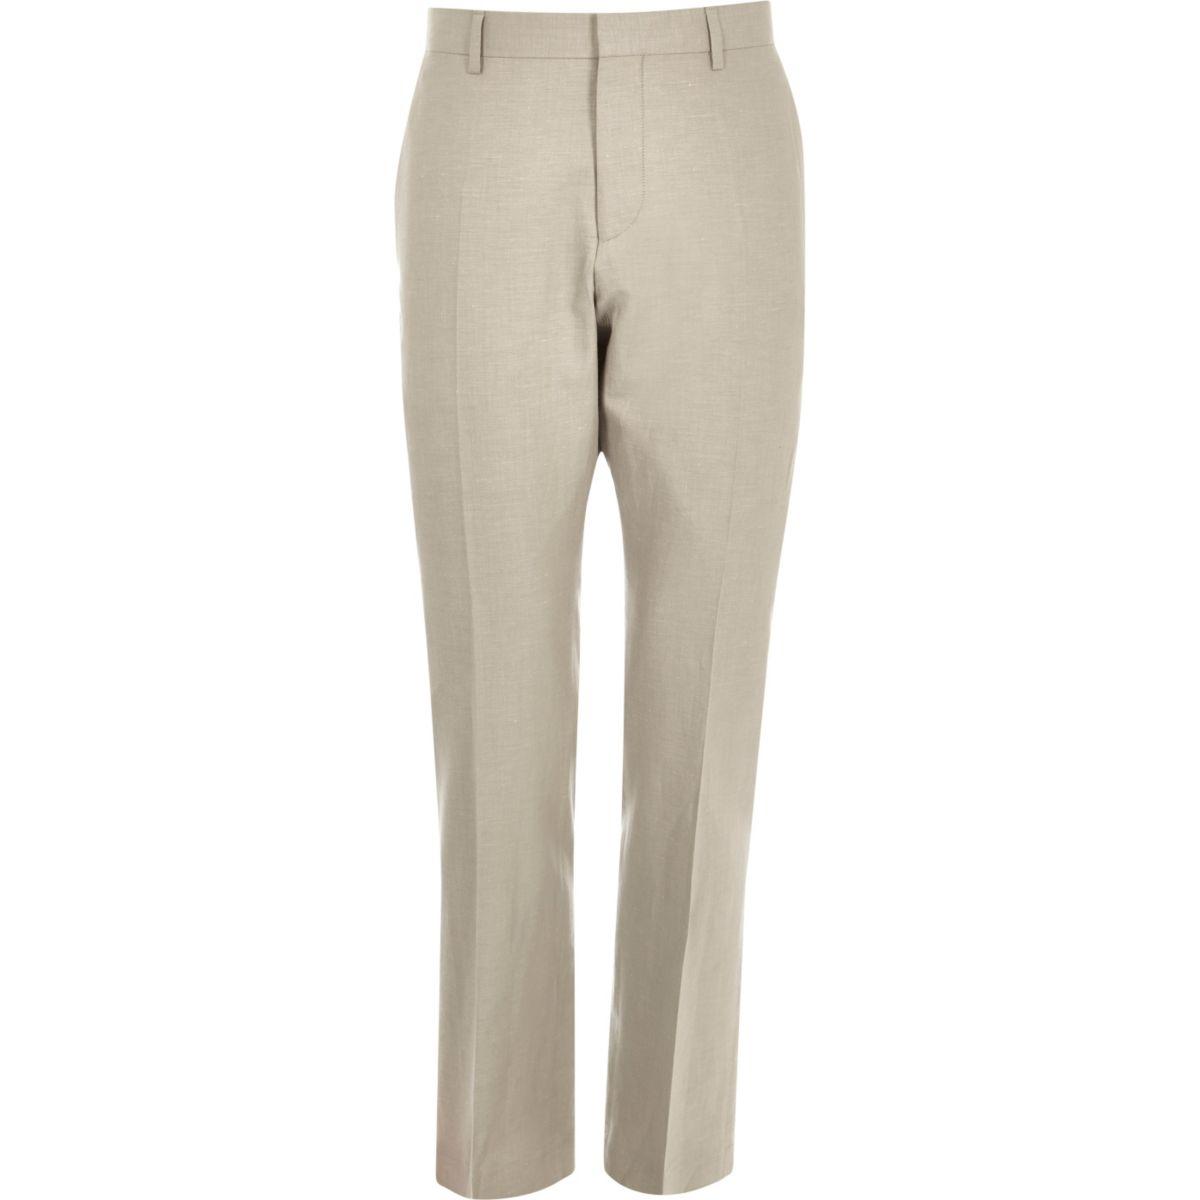 Beige linen-blend slim suit pants